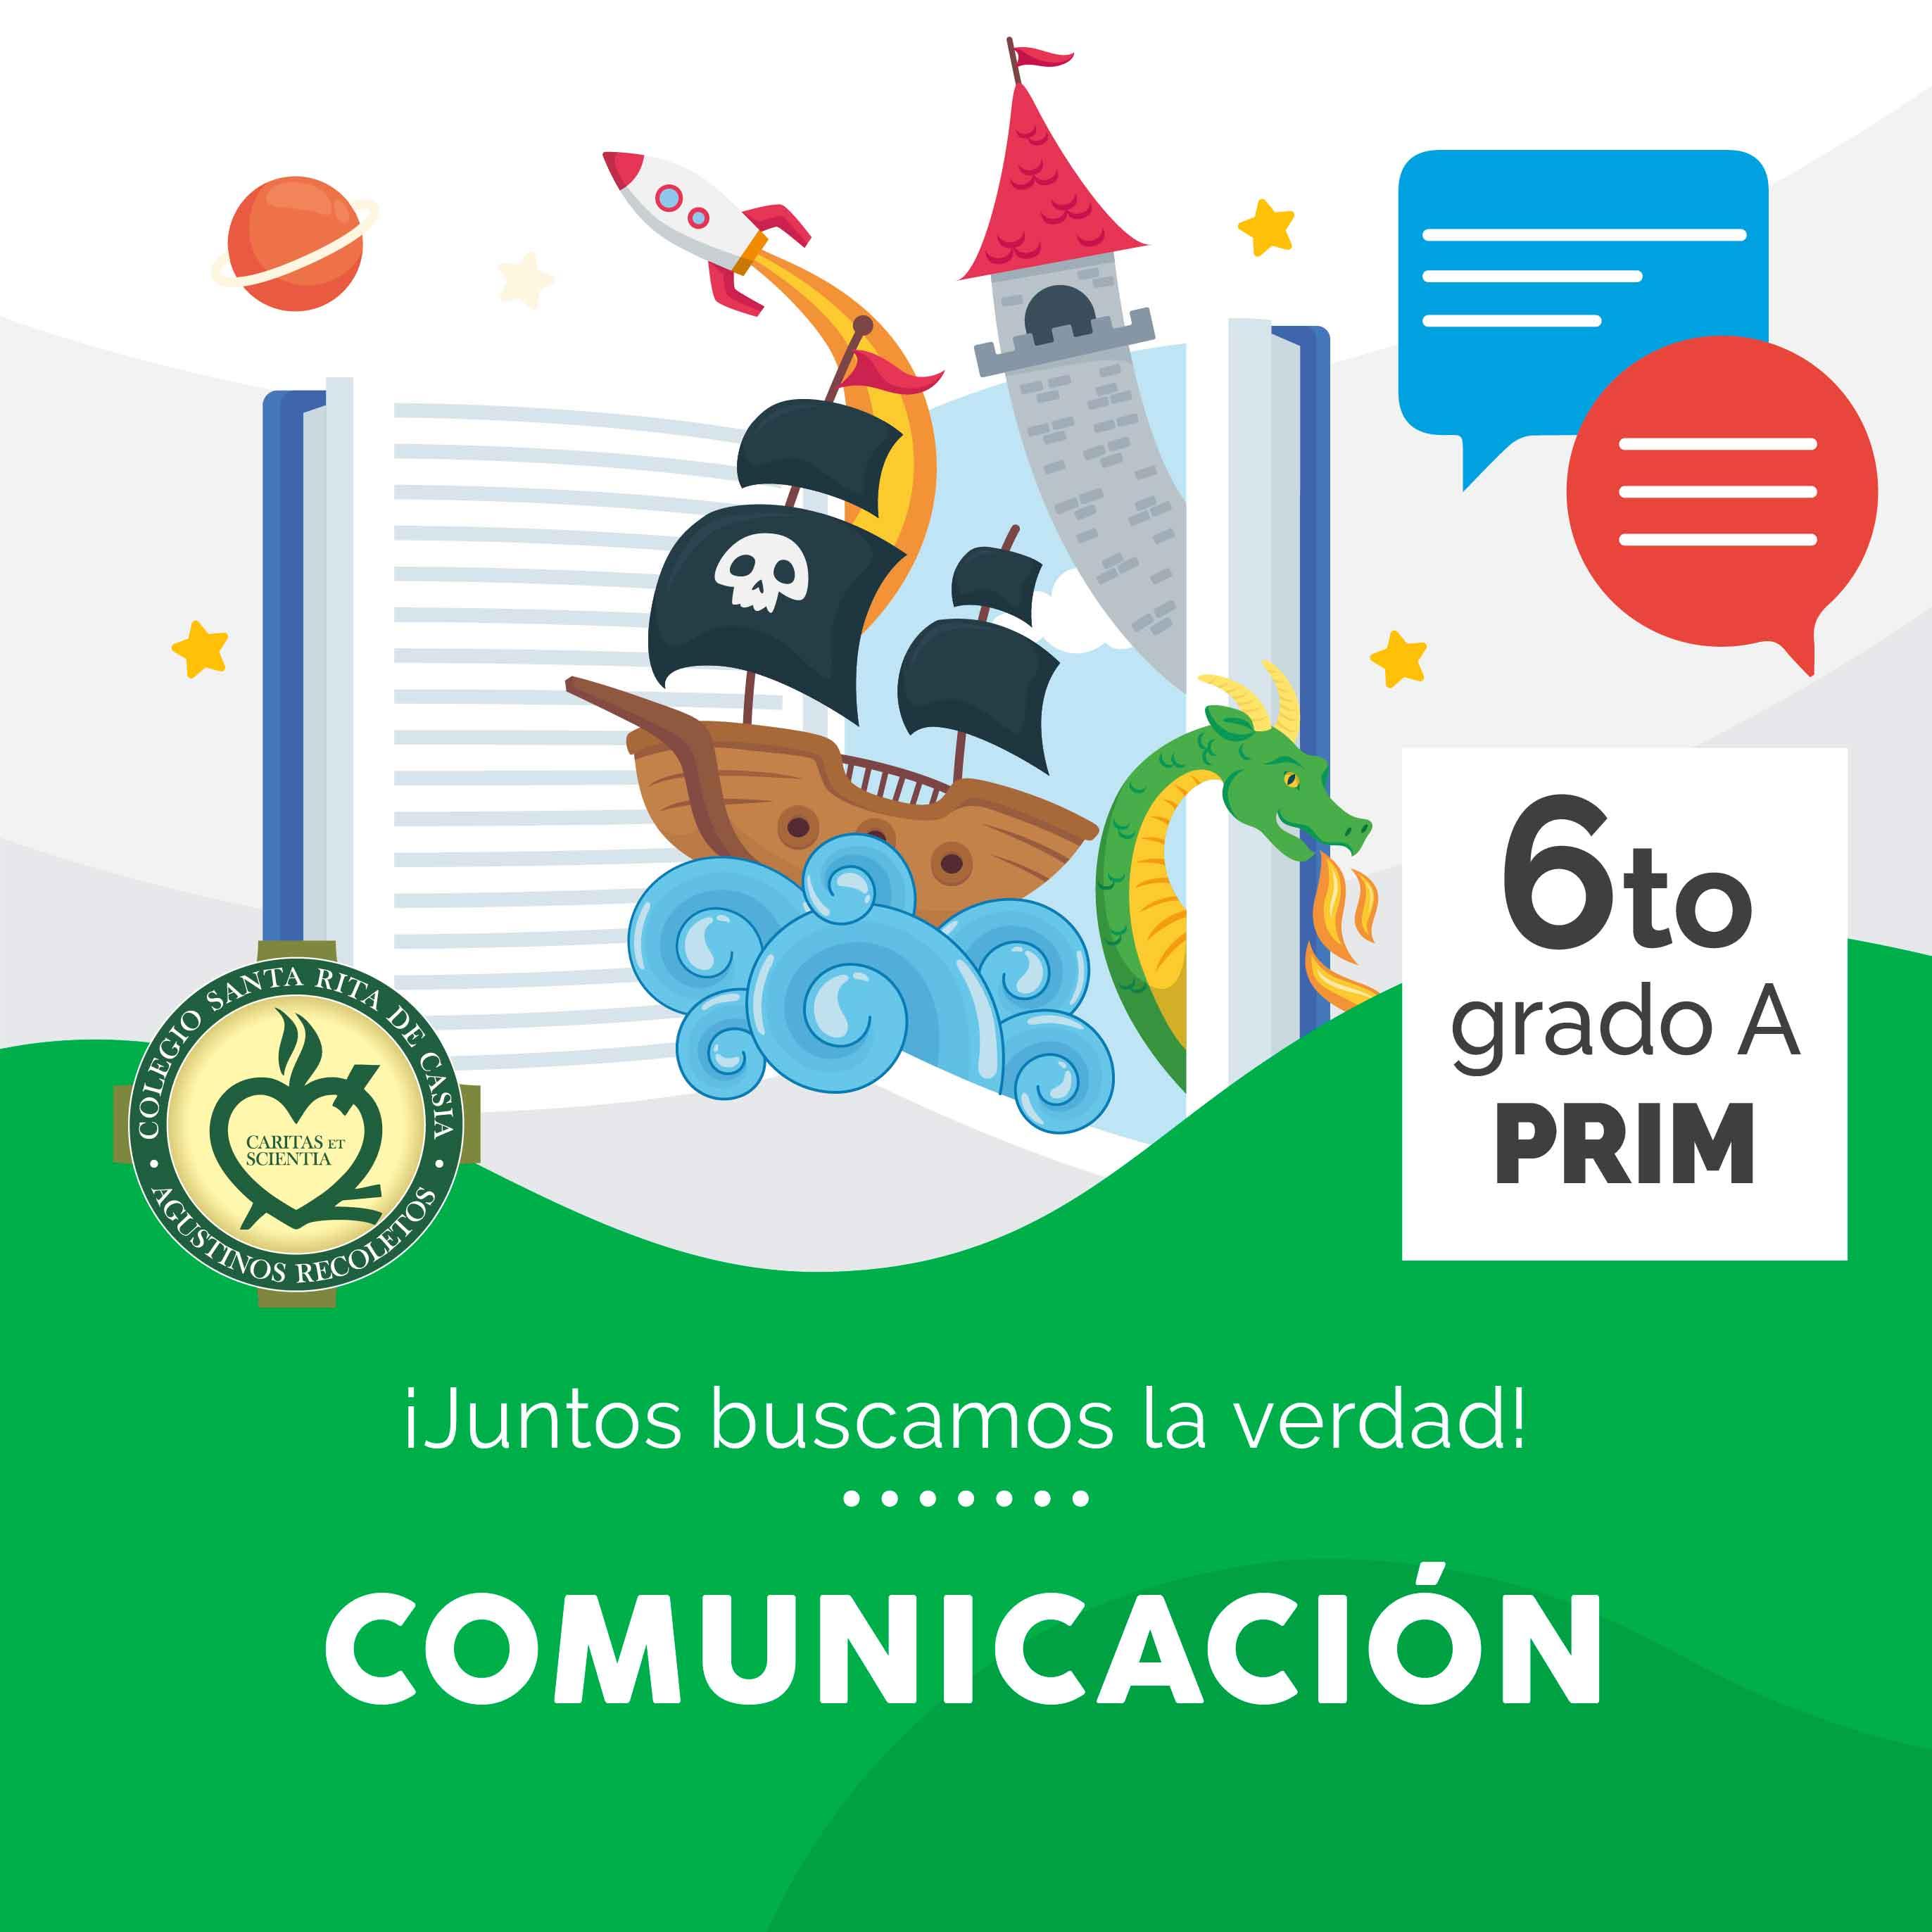 Comunicación 6to Grado A